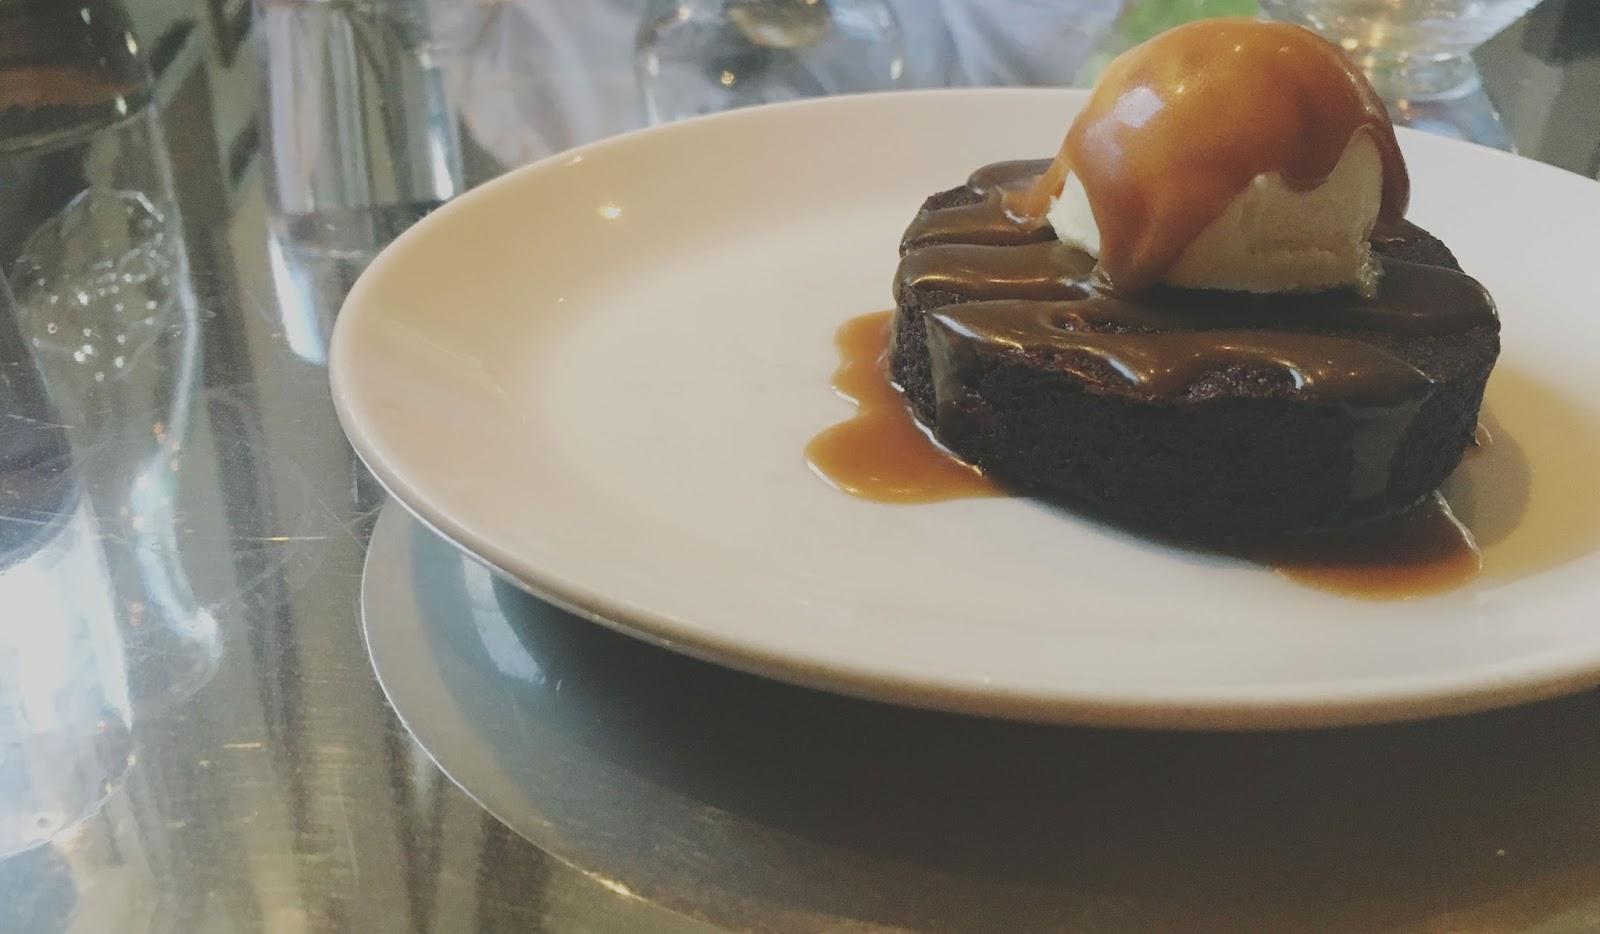 dessert at Ad Hoc - a restaurant in Napa, California